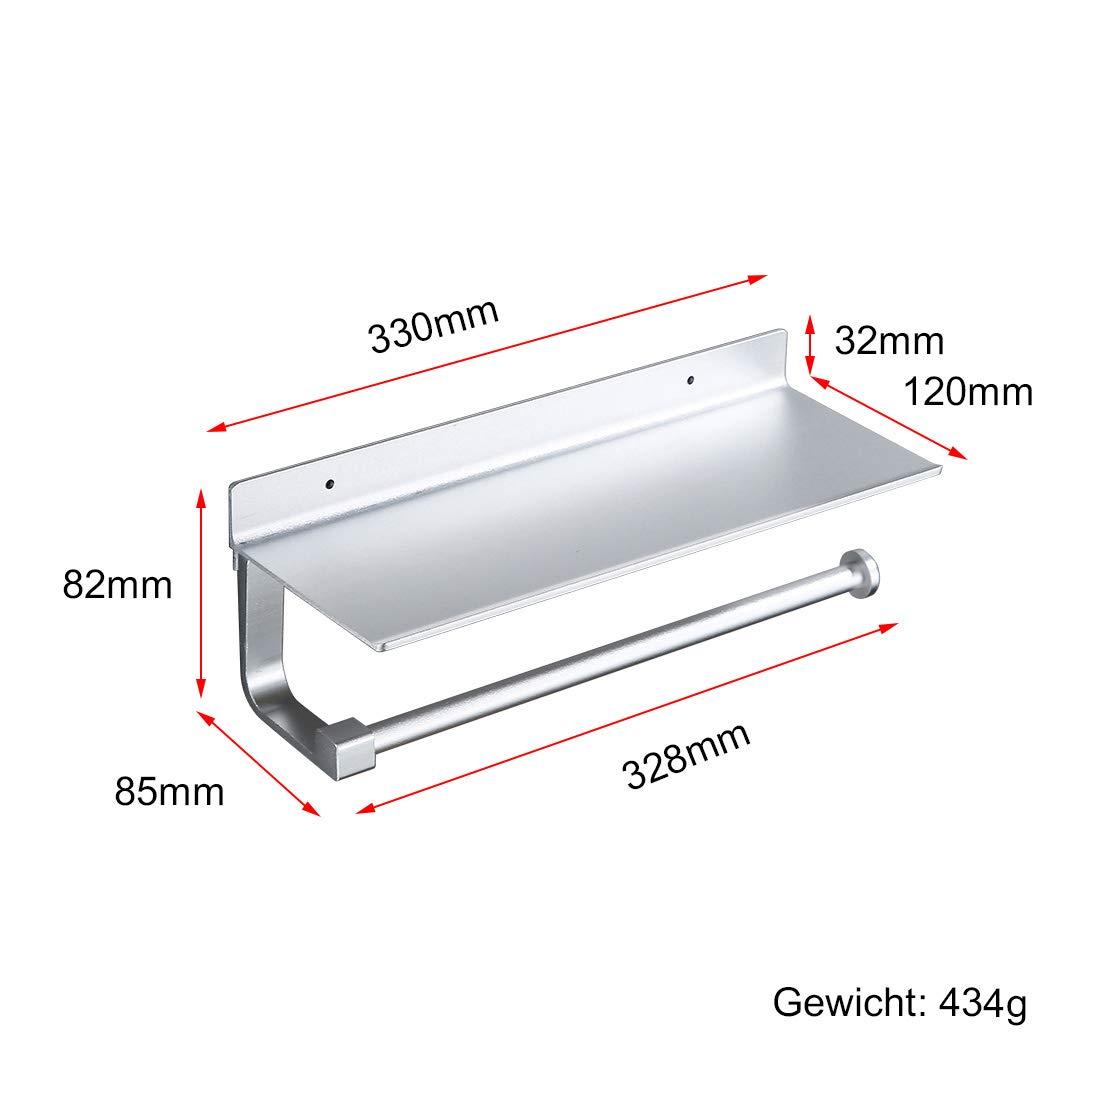 Safeni K/üchenrollenhalter ohne Bohren,Toilettenpapierhalter mit Ablage,Papierhandtuchhalter K/üchenrollenhalter,Aluminium,Selbstklebend oder Wandmontage 33 x12x8.2cm